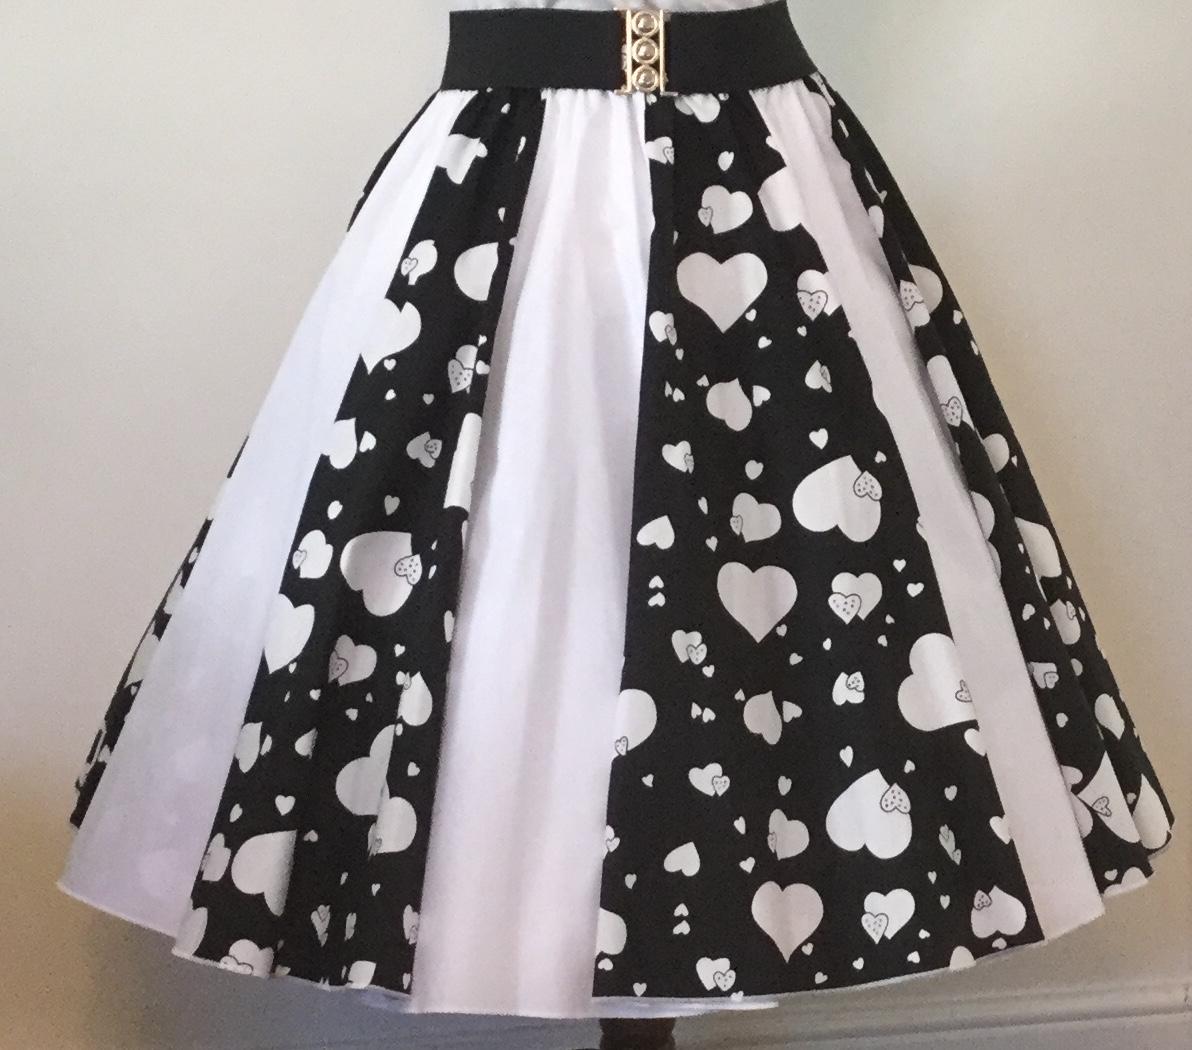 Black Random Hearts / Plain White Panel Skirt